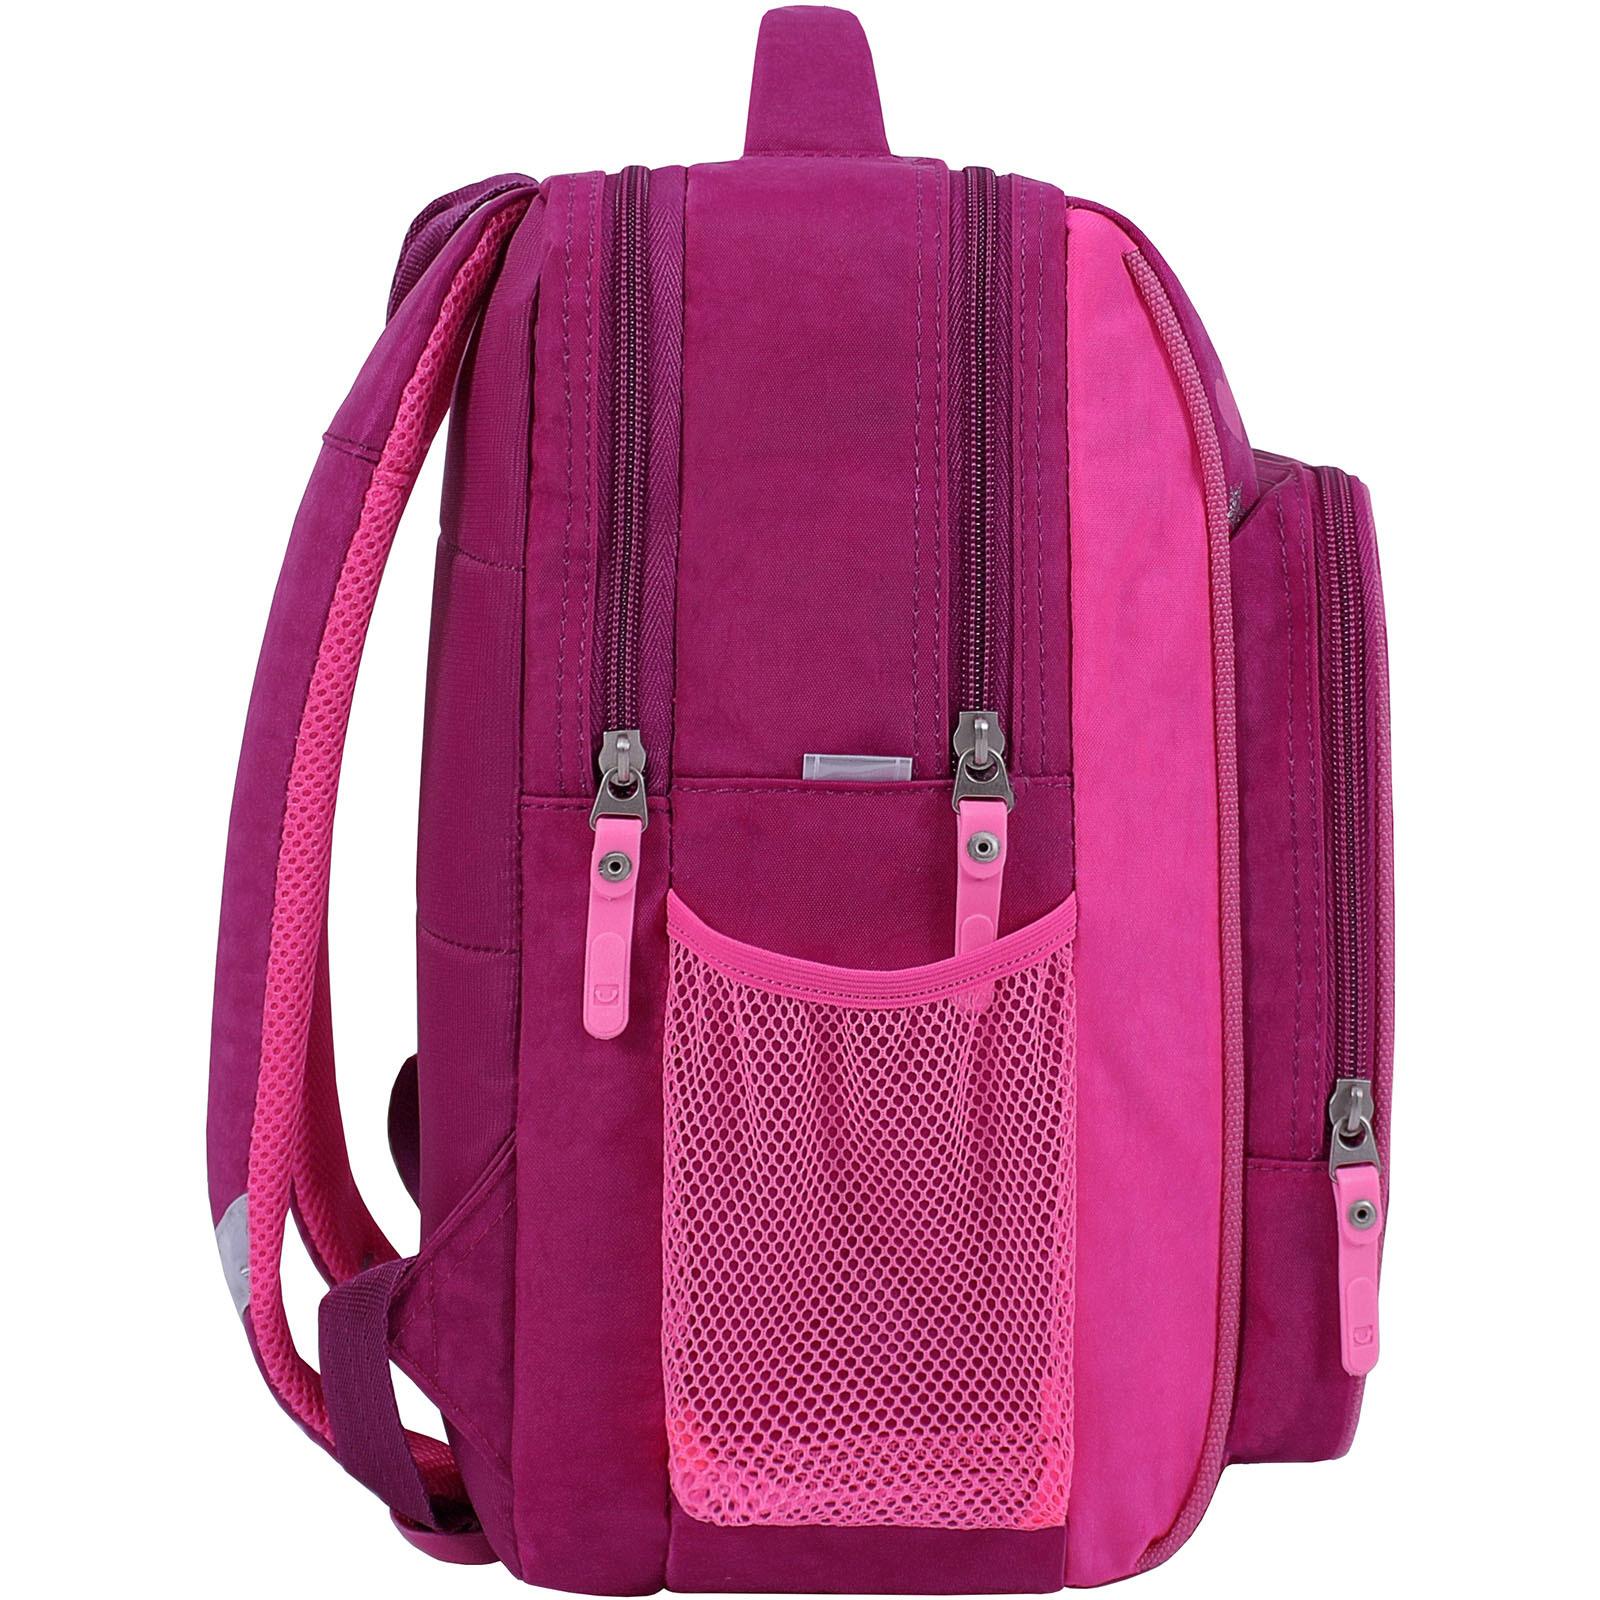 Рюкзак школьный Bagland Школьник 8 л. 143 малина 514 (00112702) фото 2